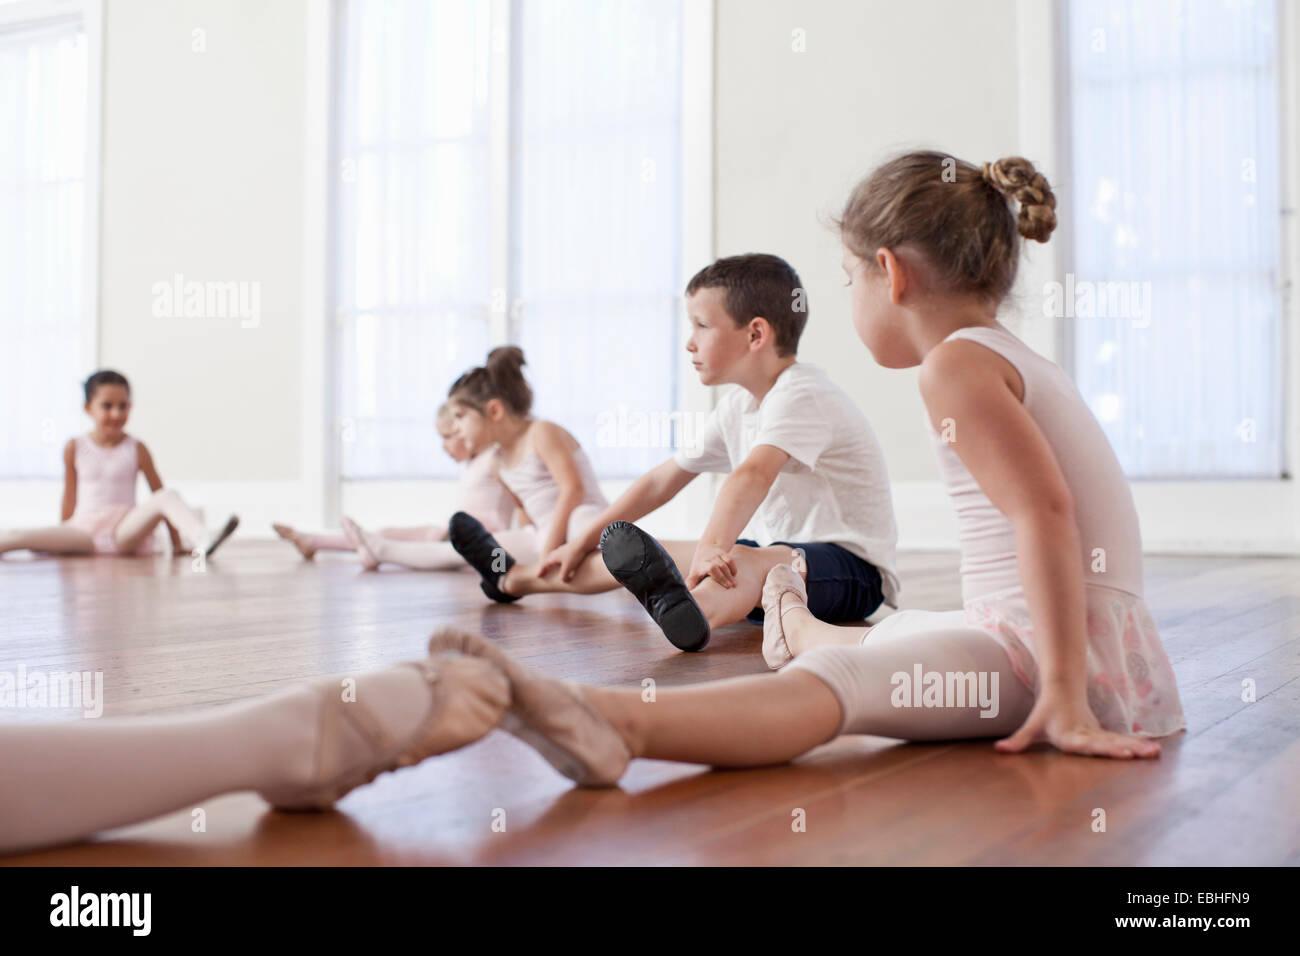 Bambini seduti sul pavimento la pratica posizione di balletto in scuola di danza Immagini Stock